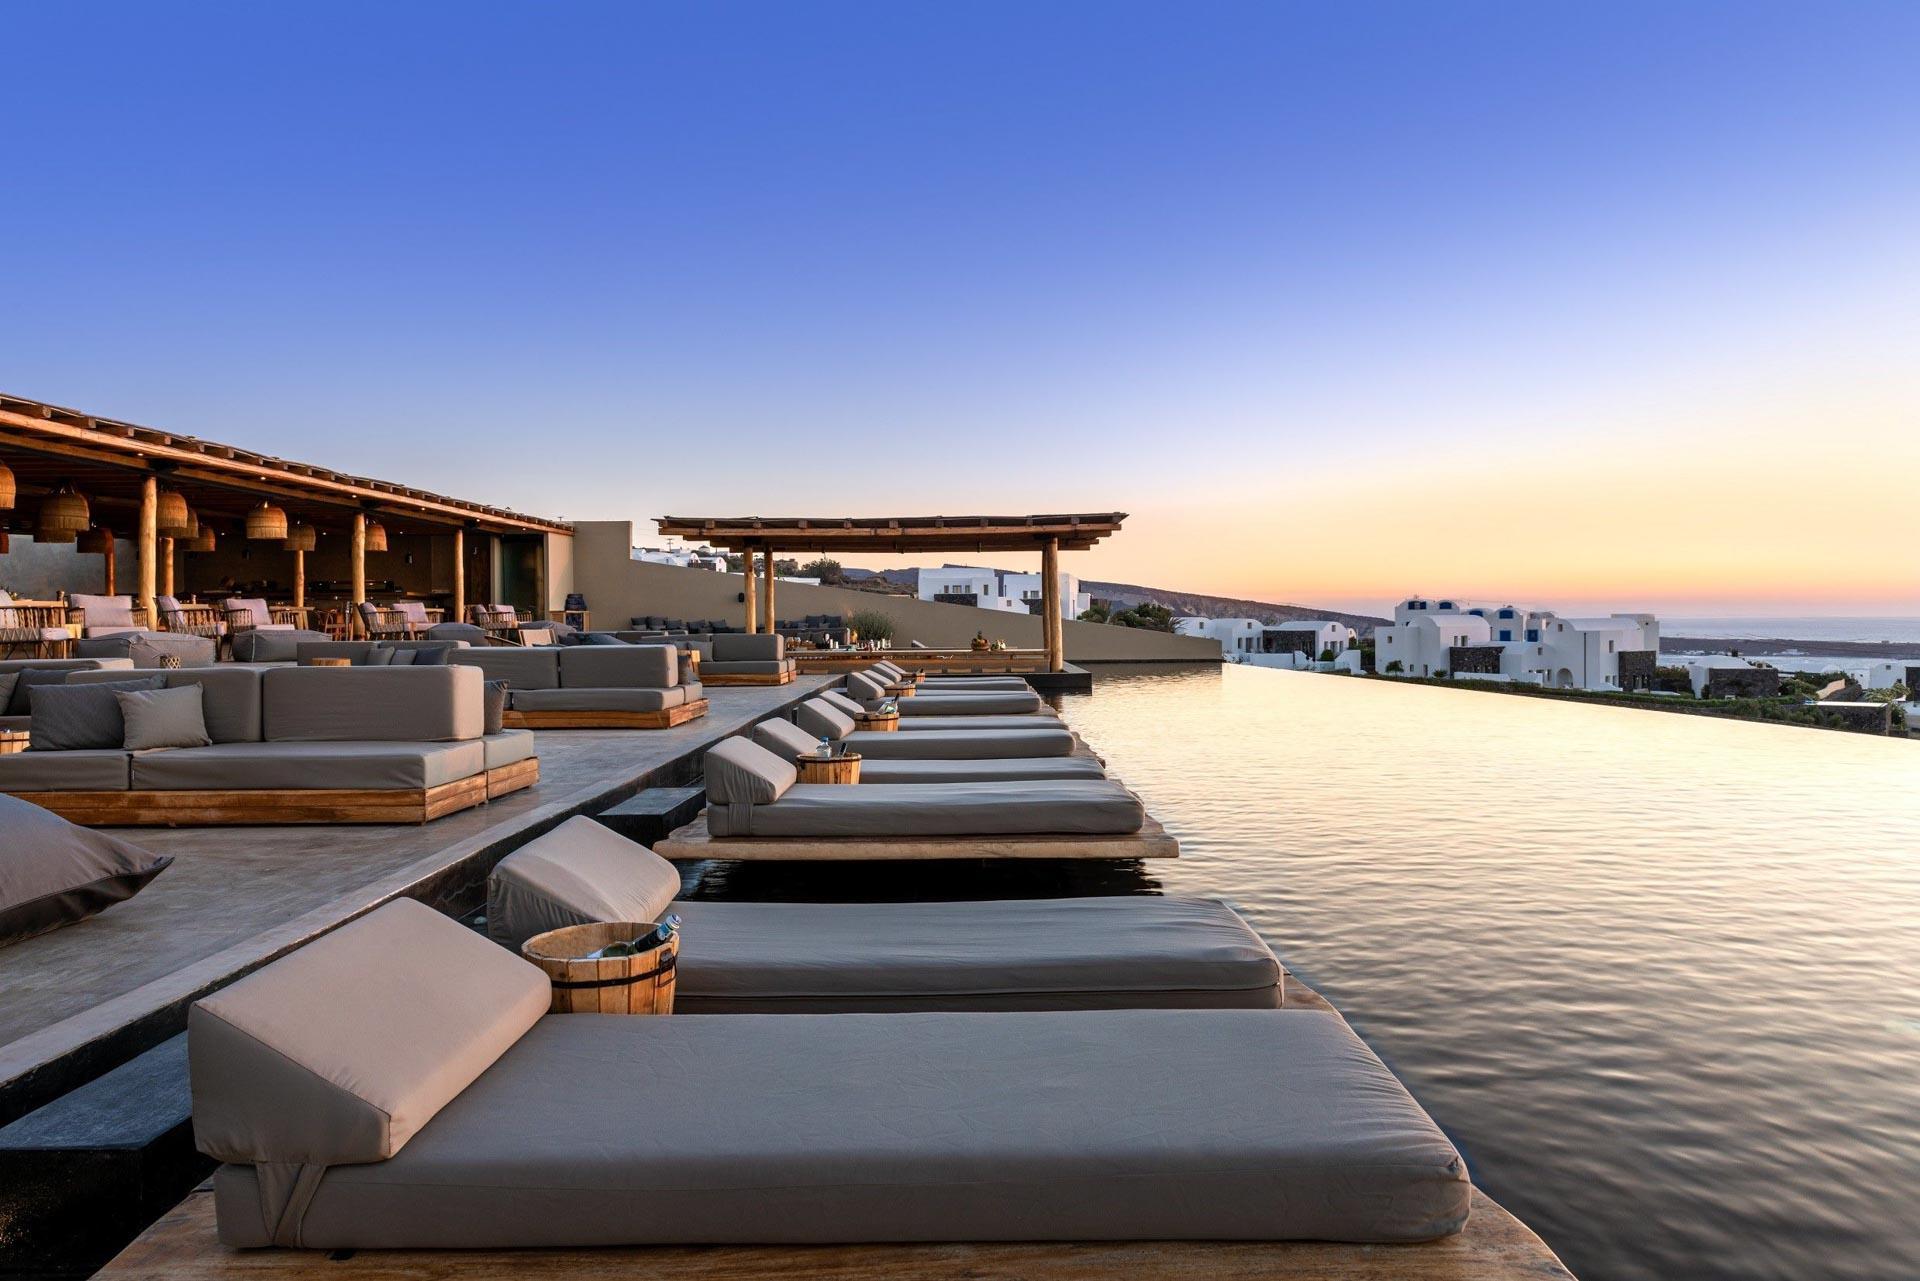 Un verre au coucher de soleil sur la terrasse du restaurant Pacman © Andronis Arcadia